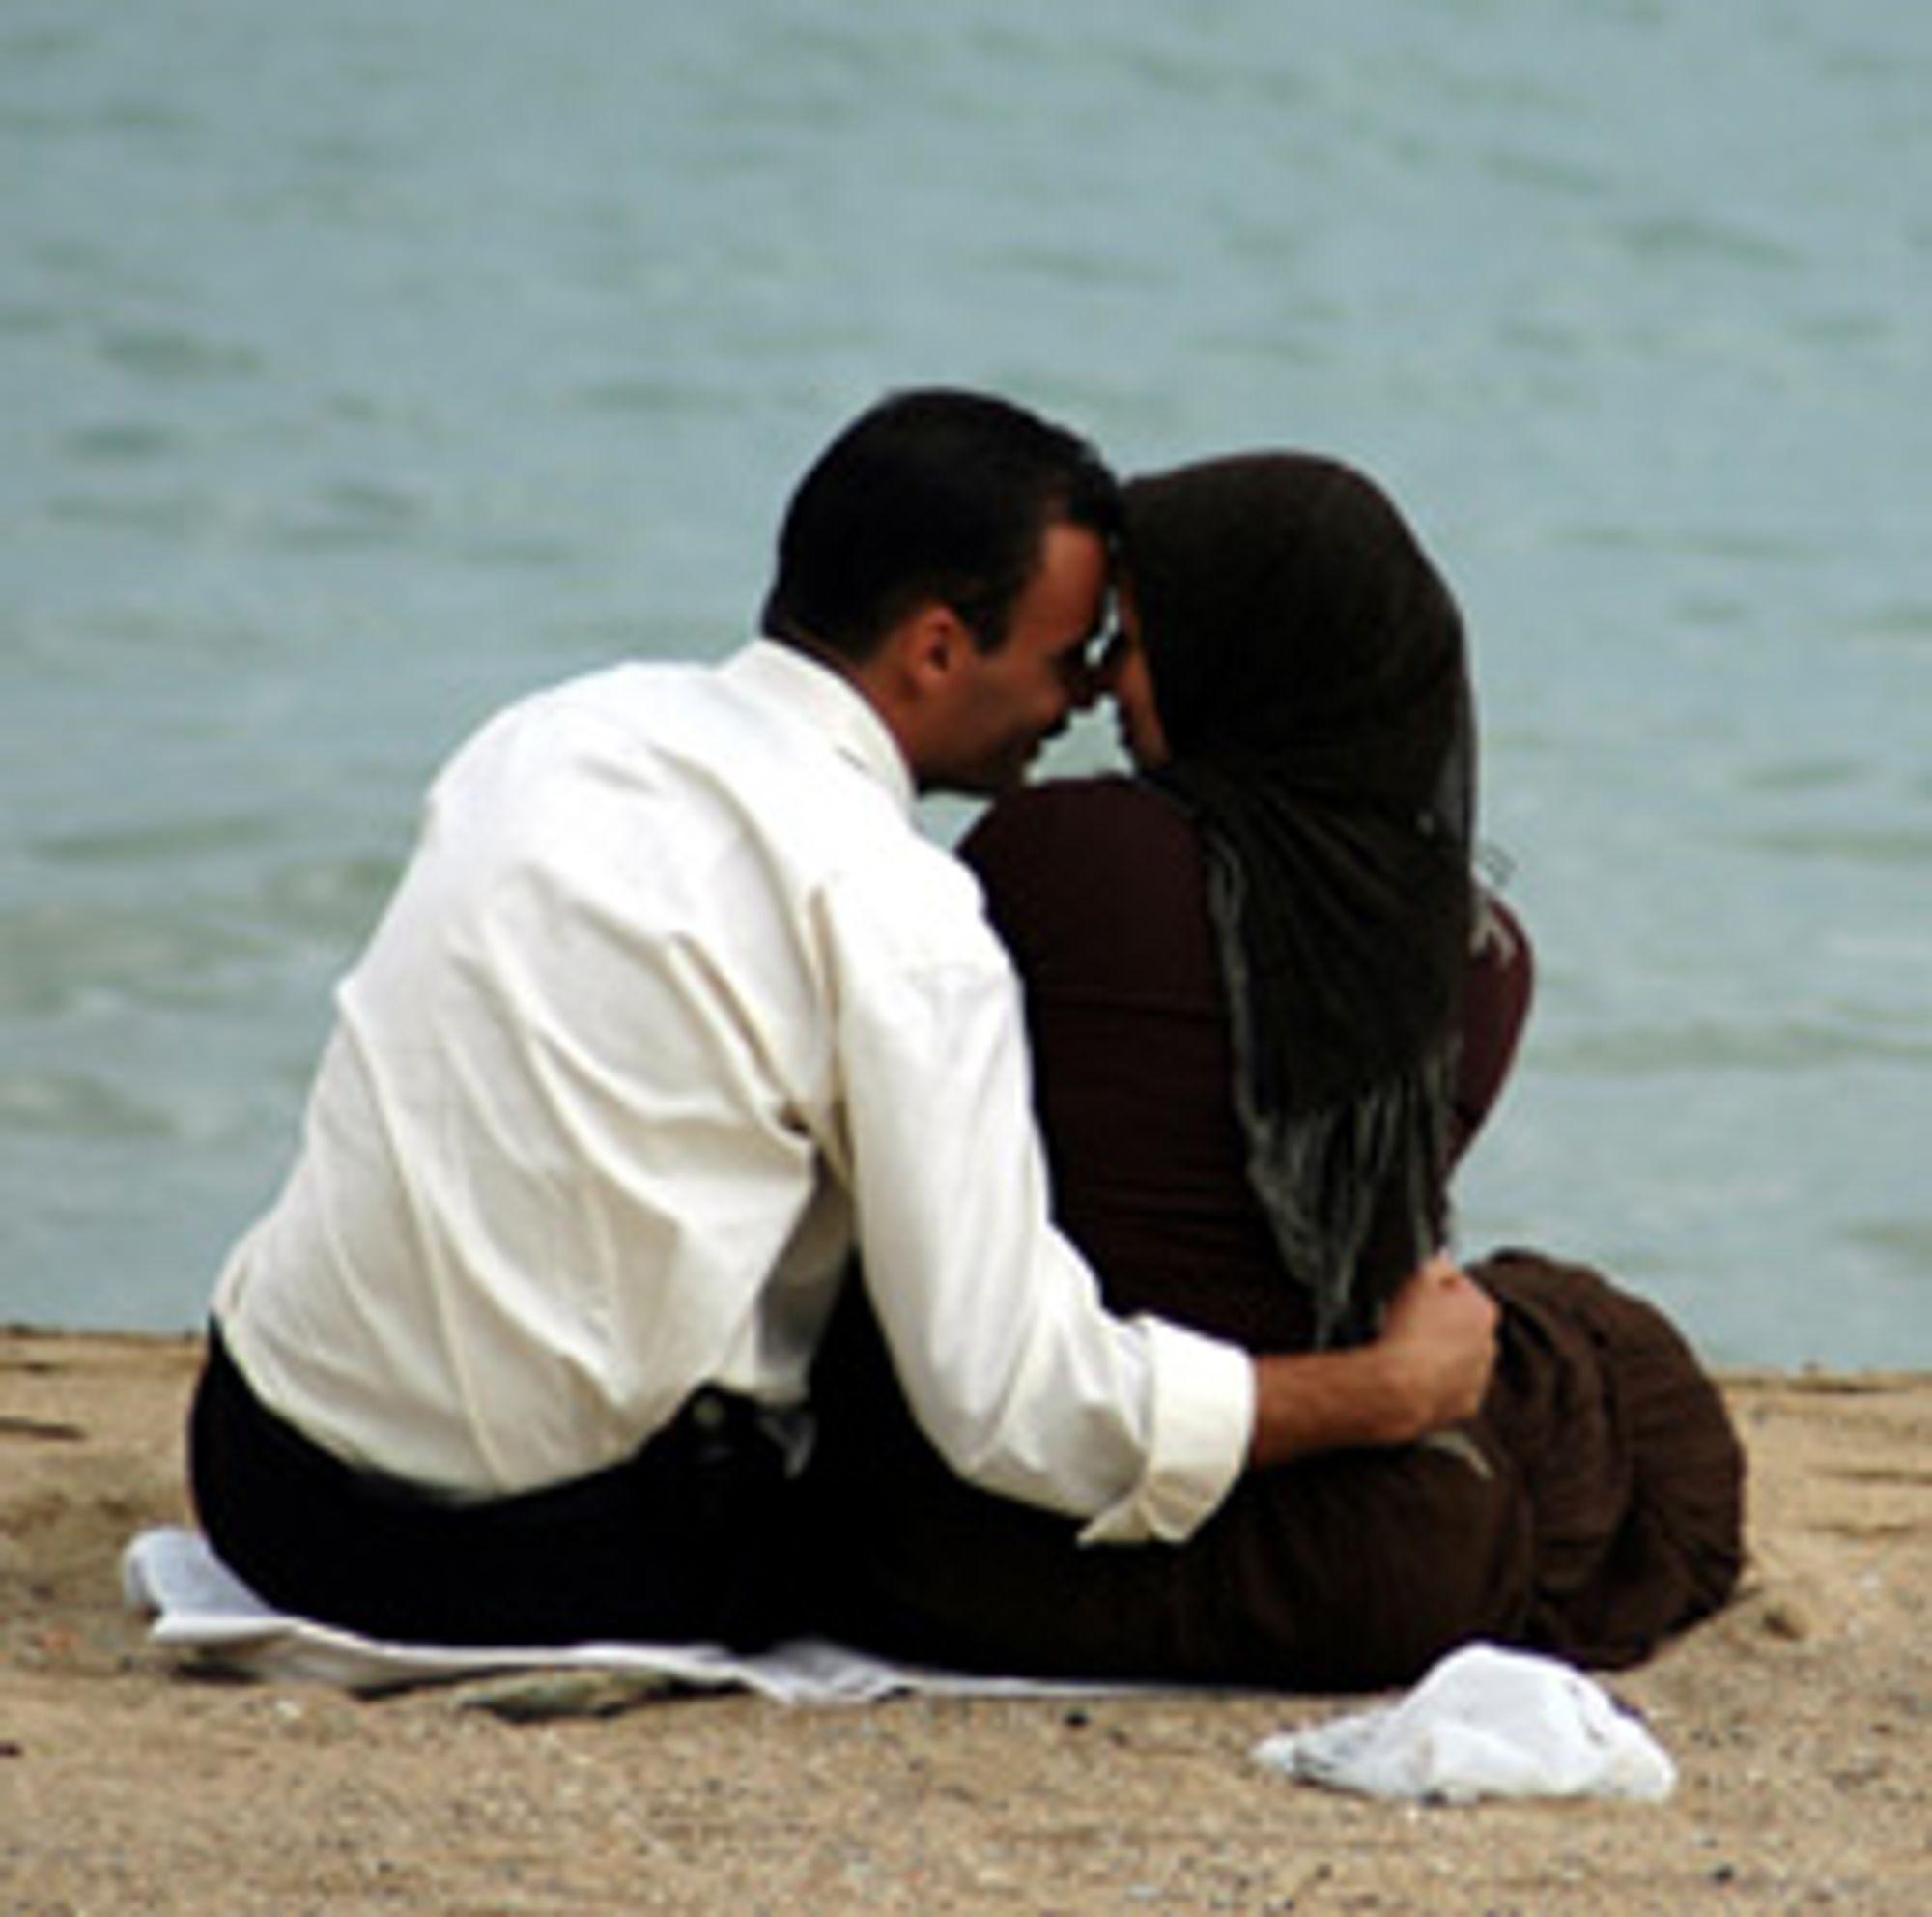 Skulle lykken ta slutt, kan muslimer nå skilles via SMS